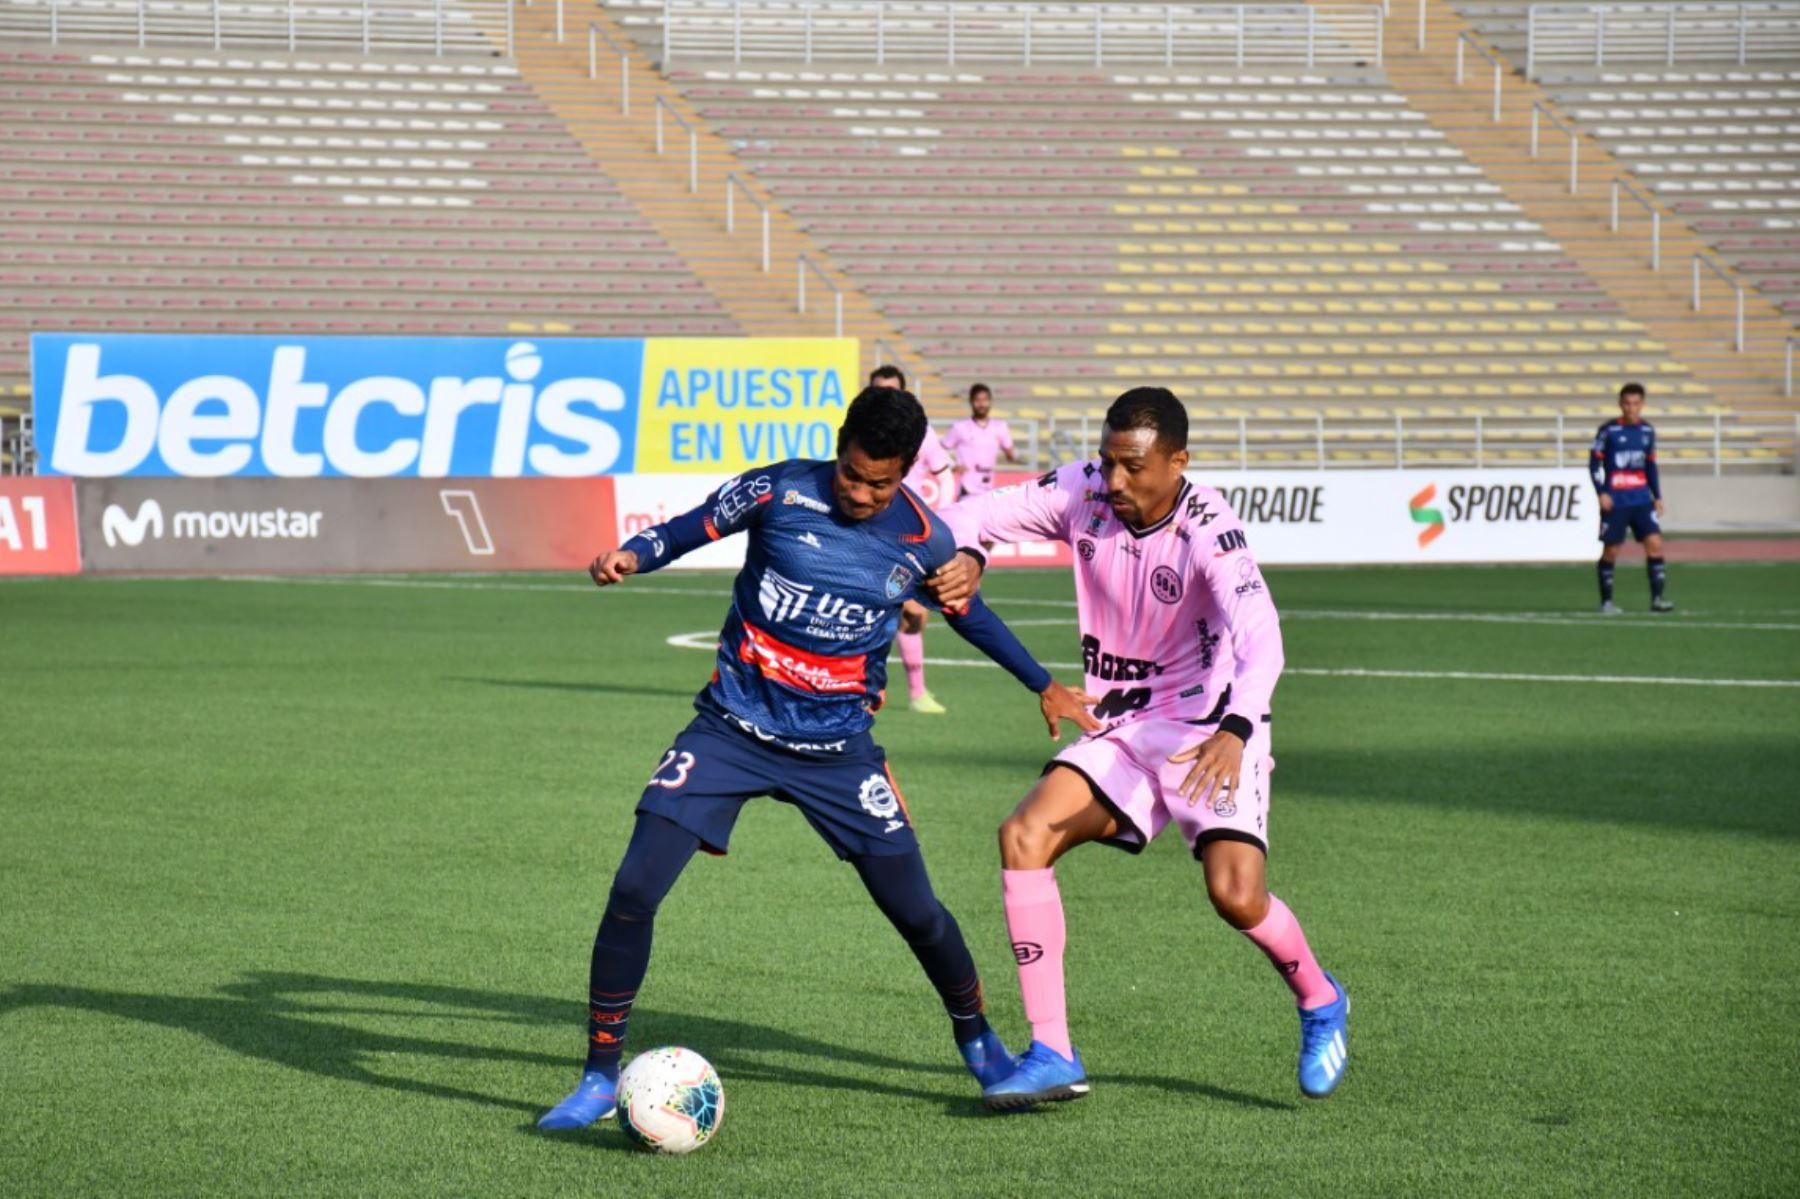 Club UCV se enfrenta al Sport Boys por la jornada 12 de la Liga 1 que se disputa en el estadio San Marcos.  Foto: @LigaFutProf